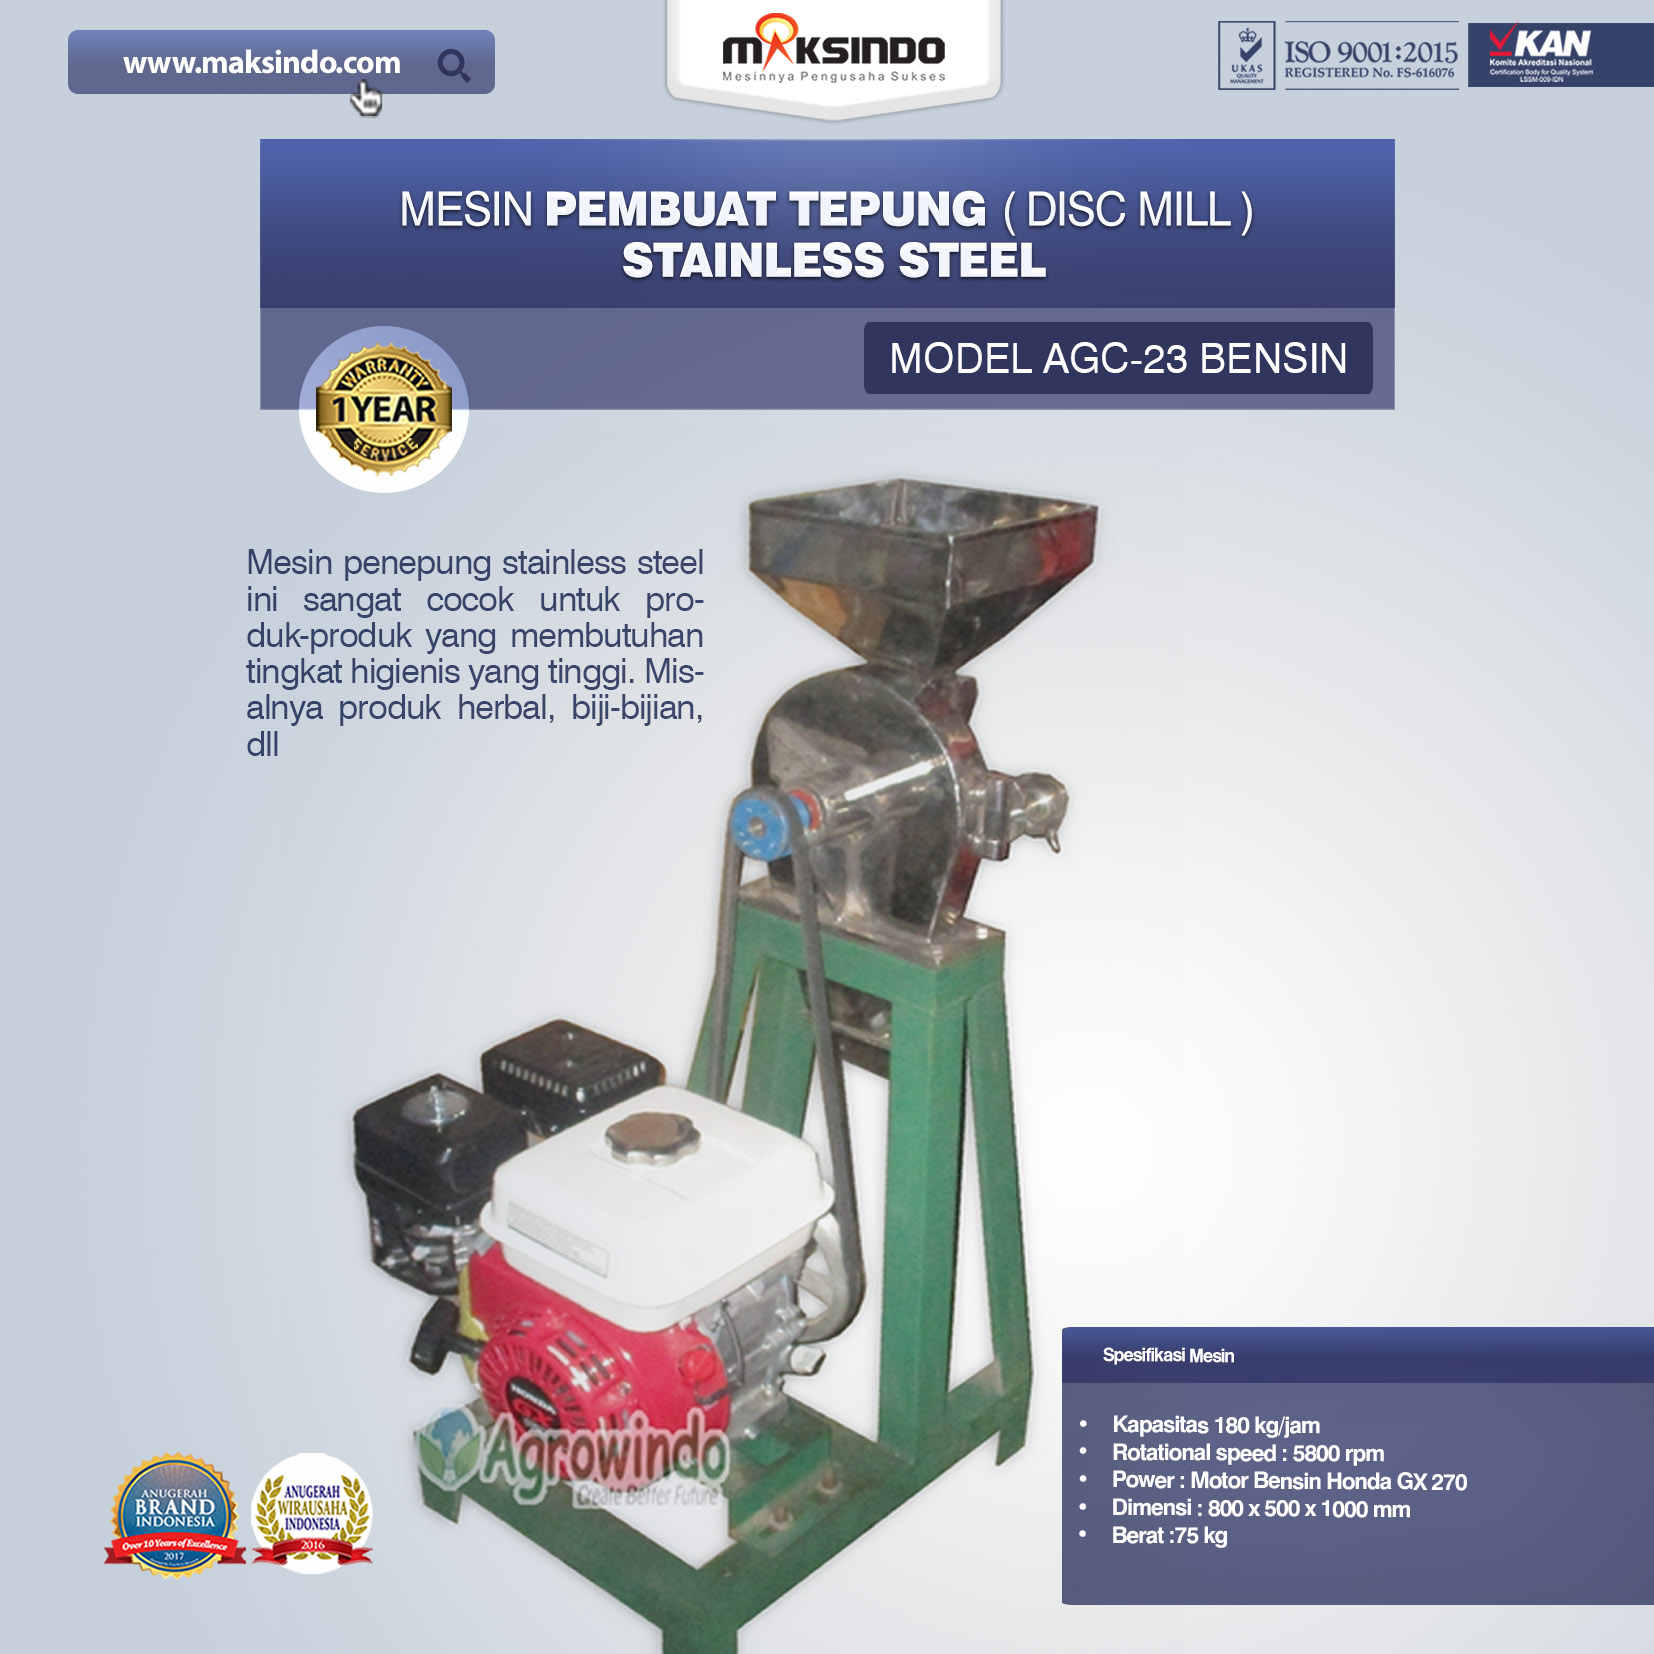 Mesin Penepung Disk Mill Body Stainless Model AGC 23